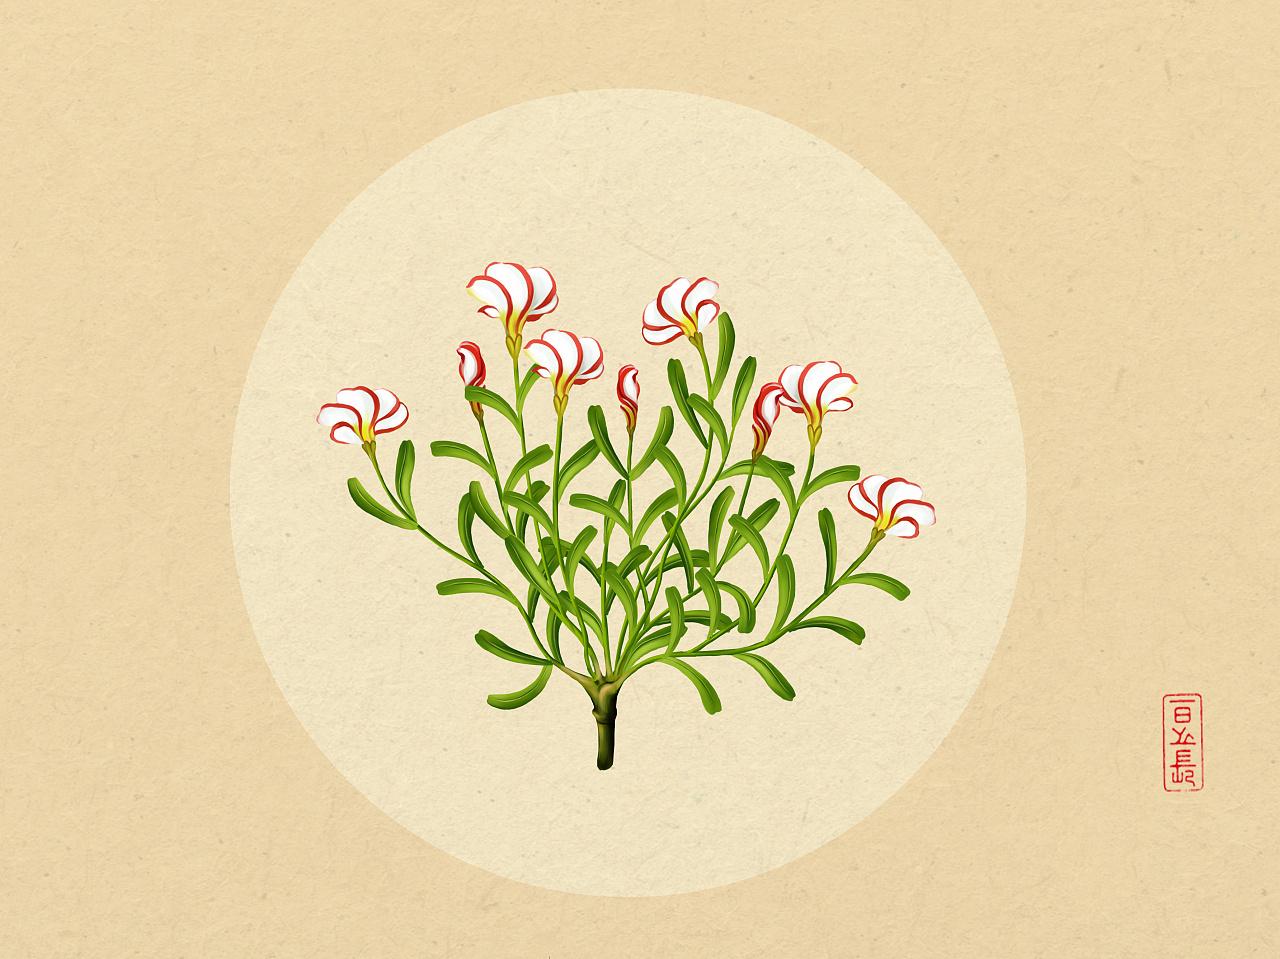 植物插画系列(三)|插画|商业插画|日光倾城417 - 原创